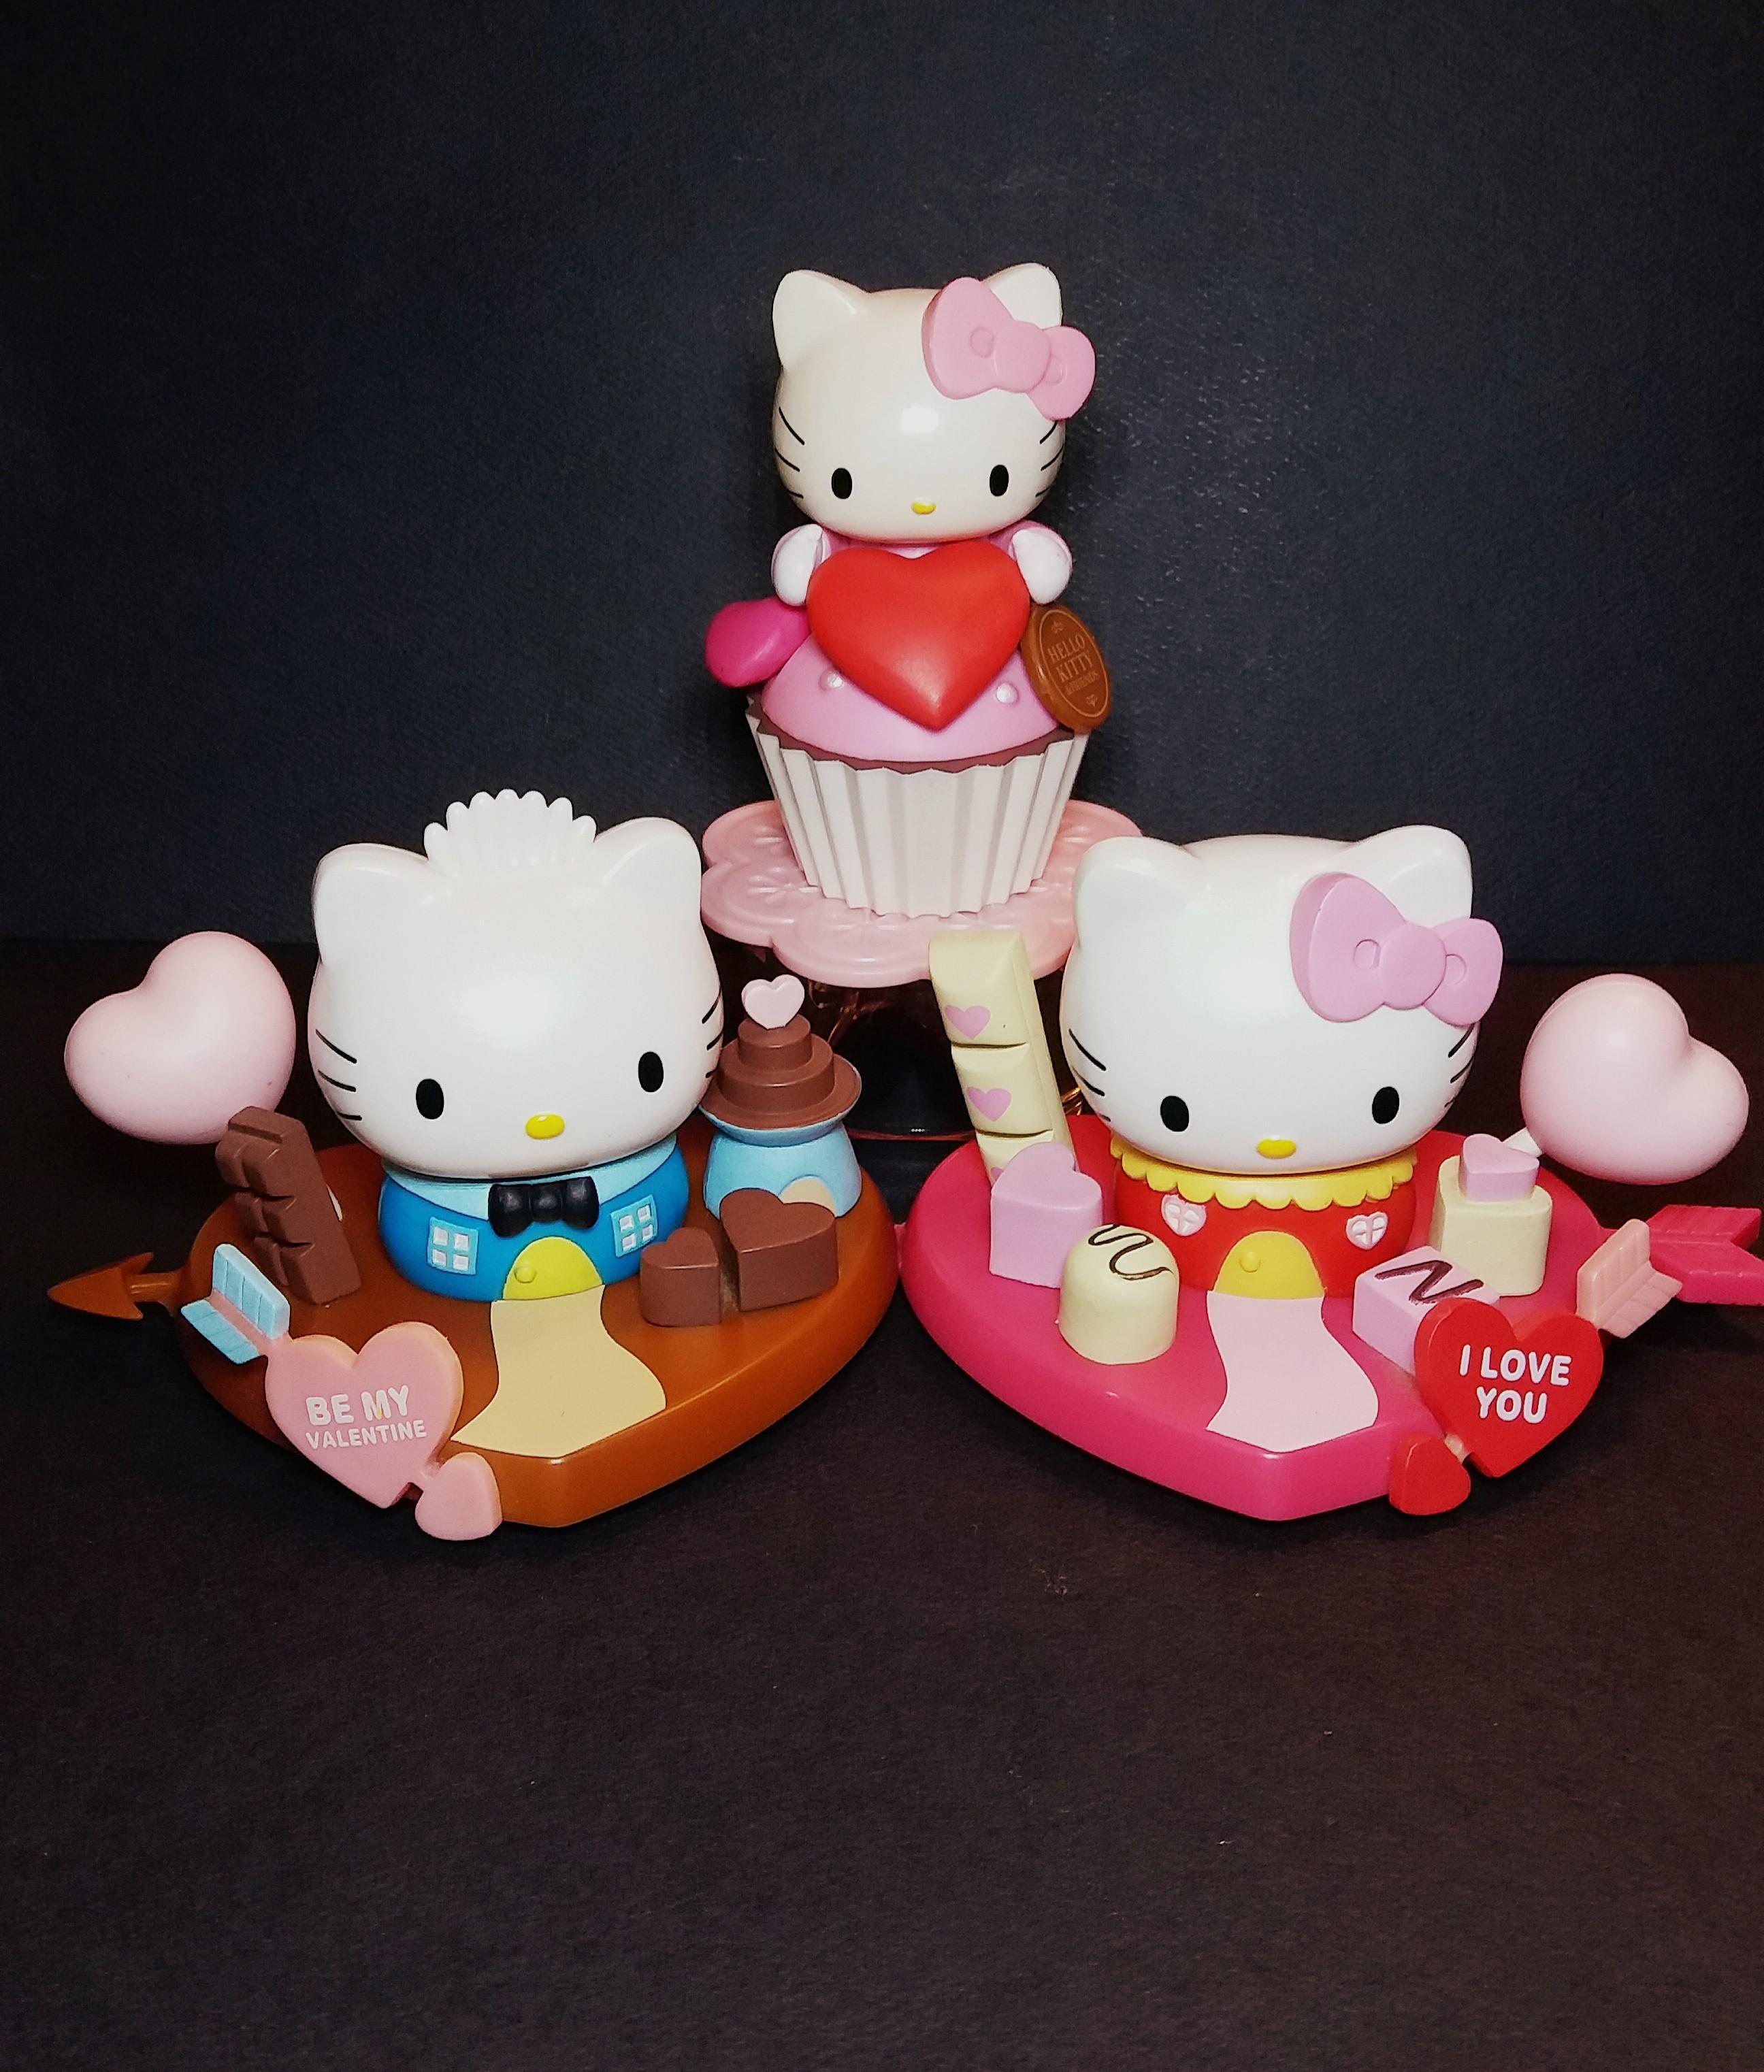 7-11 Hello Kitty:新舊如圖,特價$48,不散不議,有意pm。